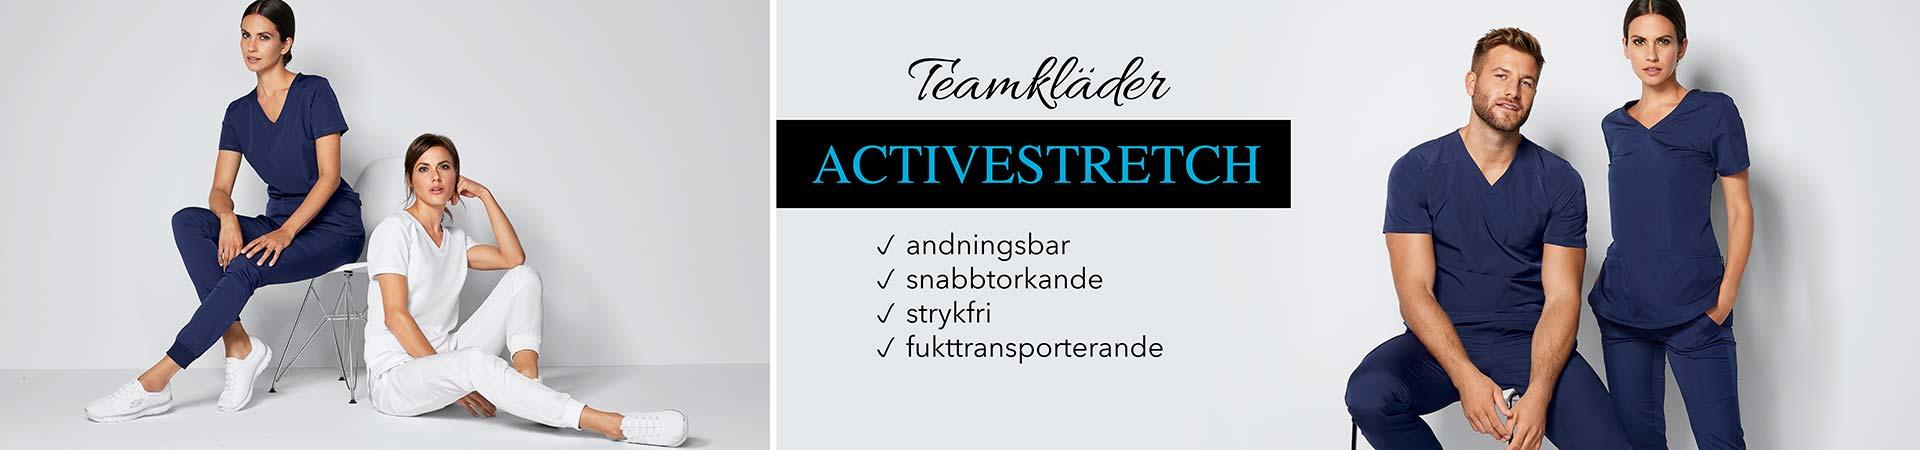 Teamkläder Activestretch - 7days